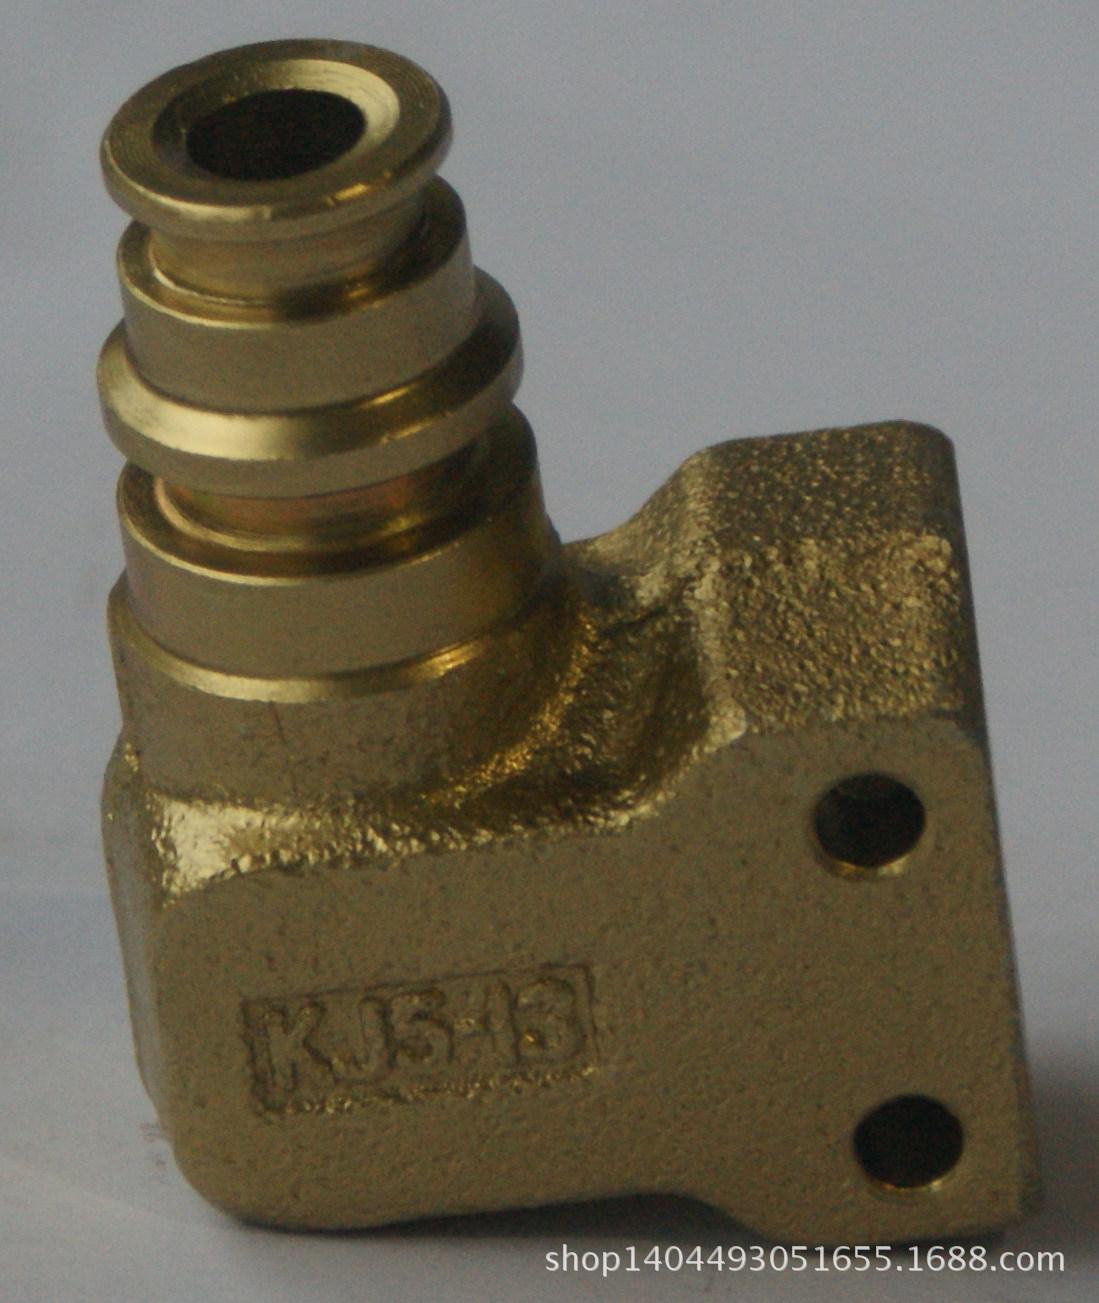 矿用 煤矿液压支架胶管连接 异径弯头DN32G/16M